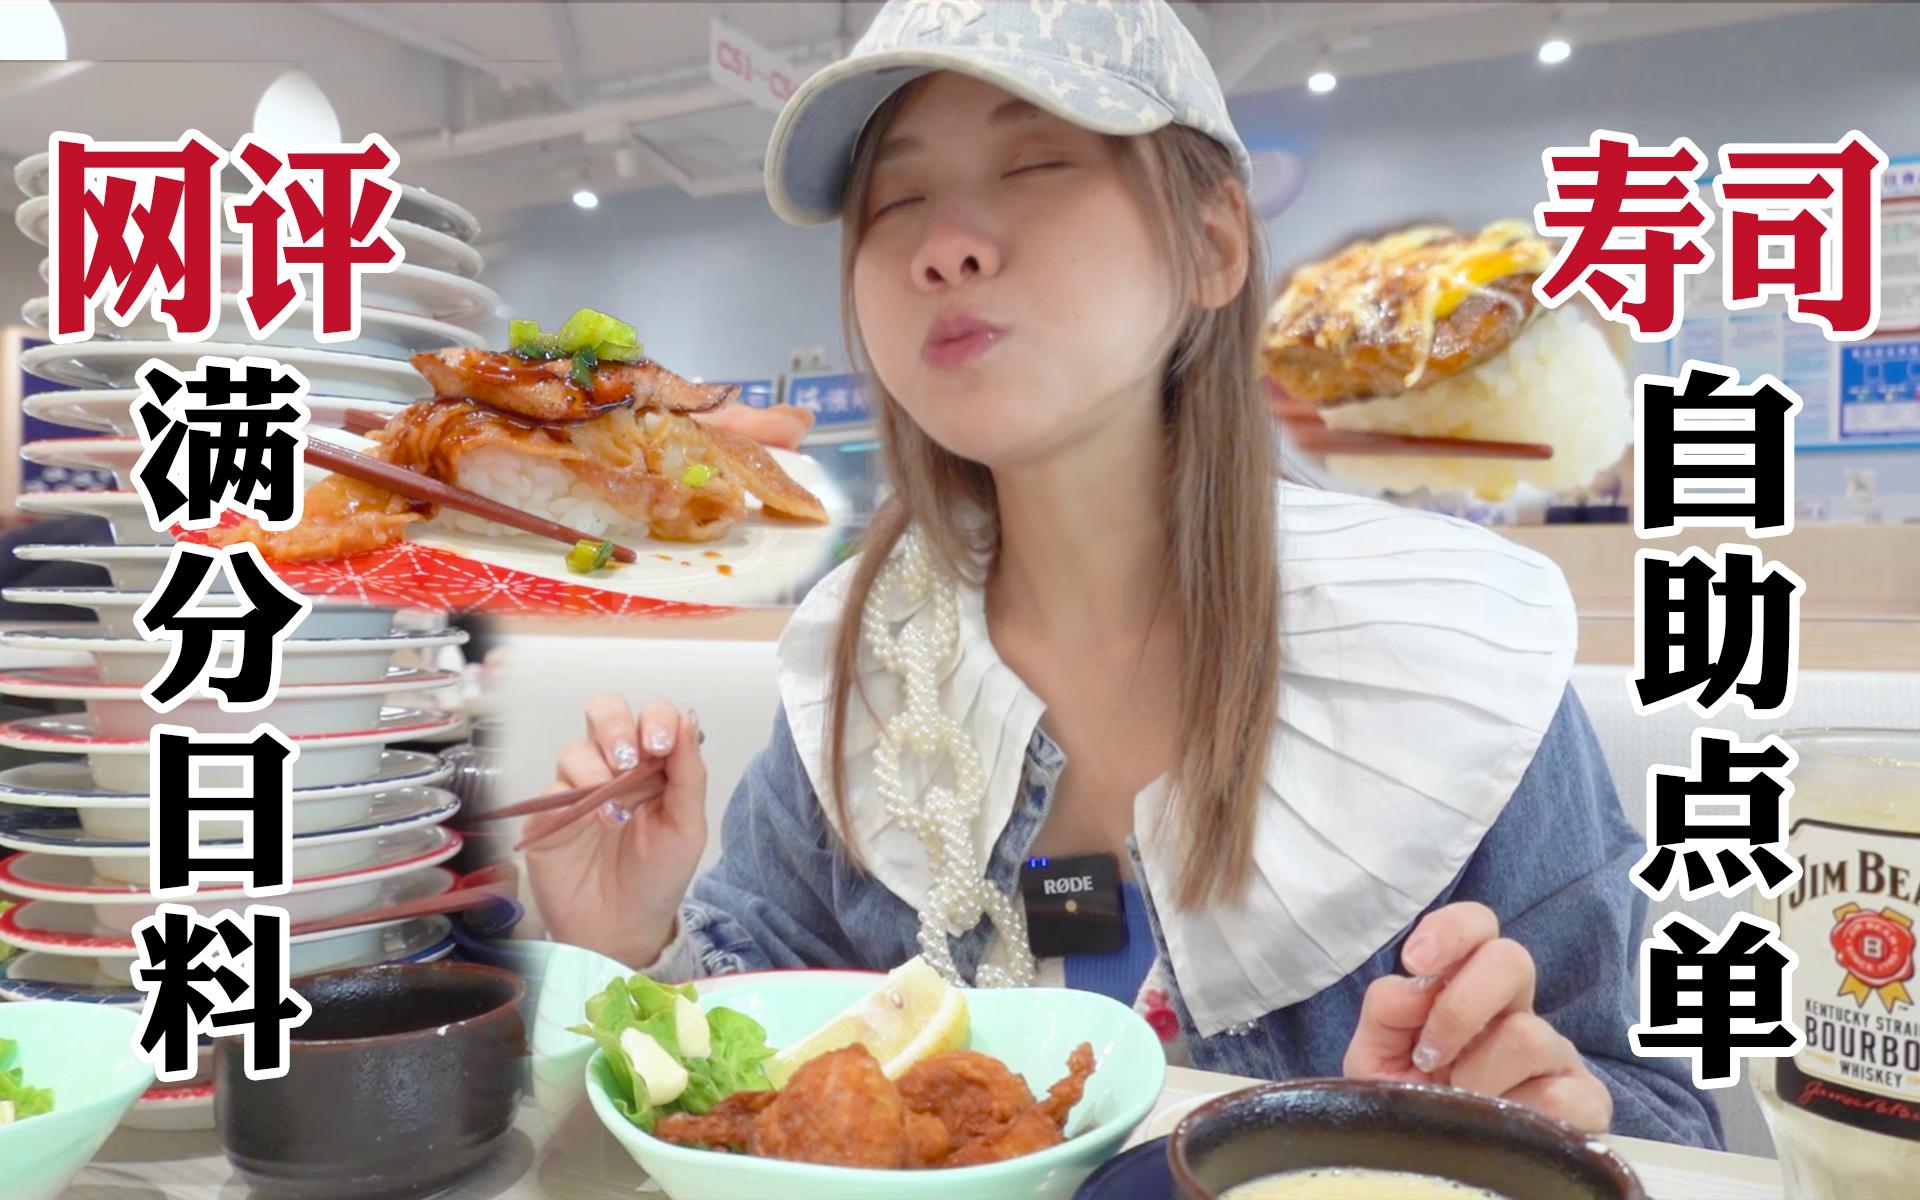 密子君·评分超高的10元寿司拉面店!传送带自动送餐,一人吃嗨